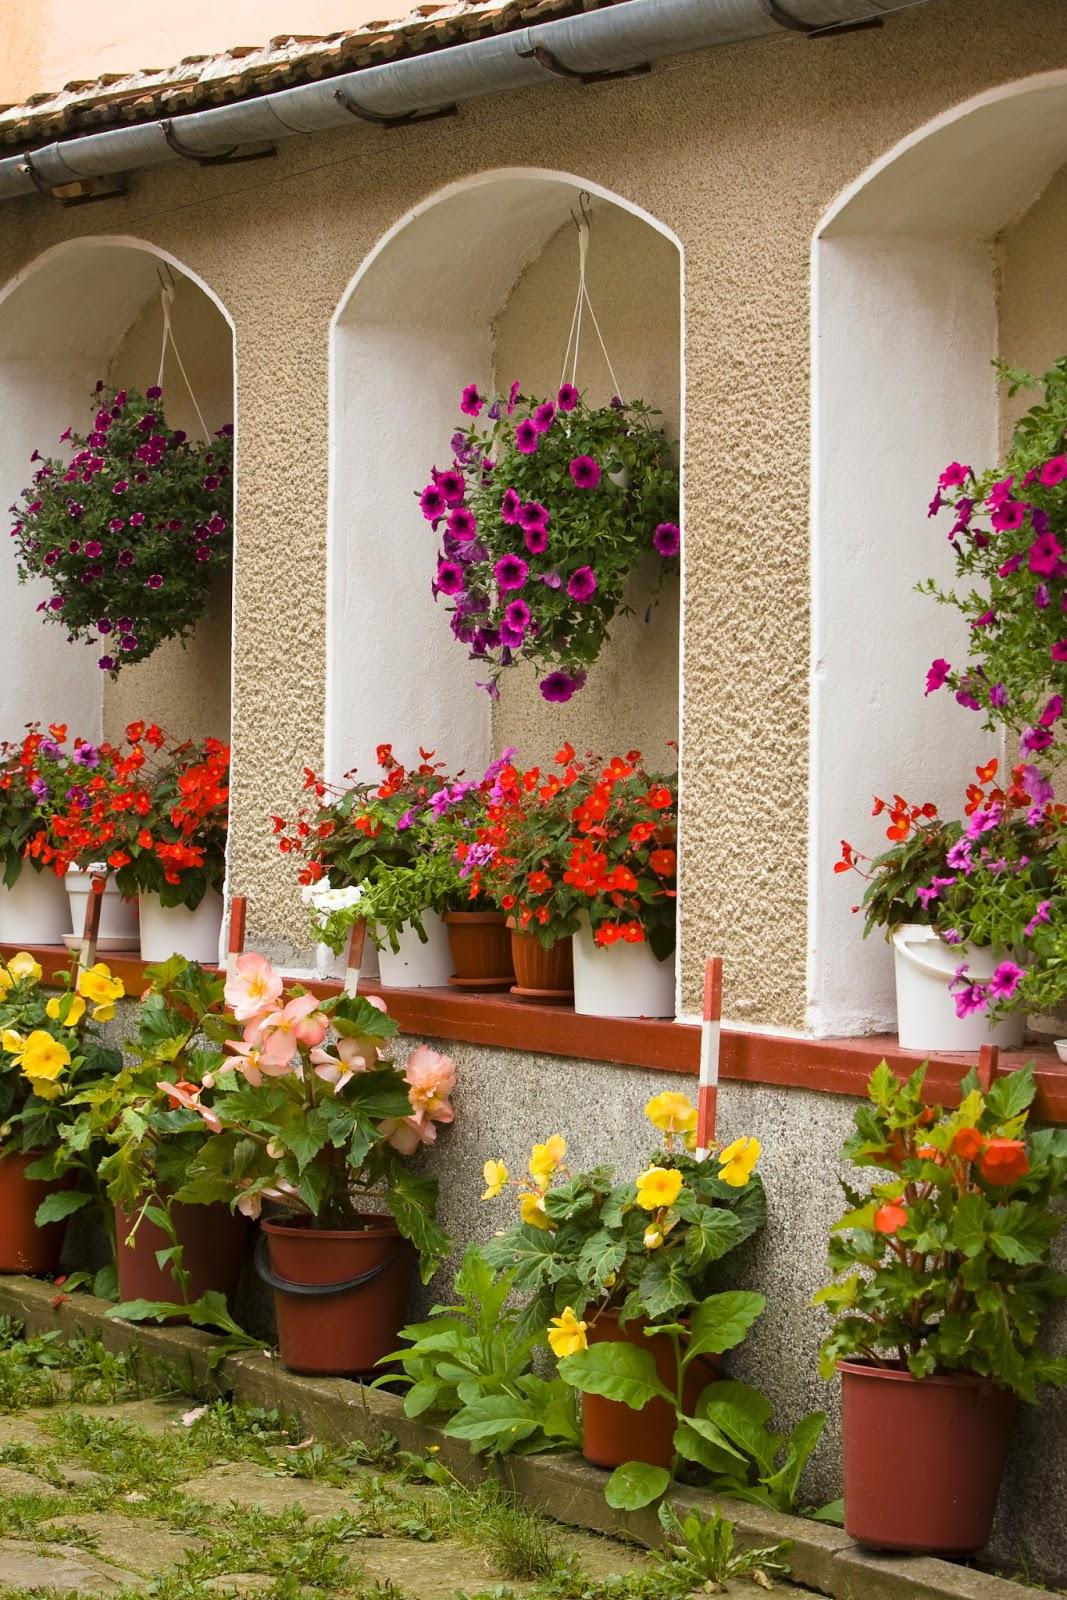 Fotos De Plantas E Flores - Expoflora 2015 apresenta novidades de plantas e flores em